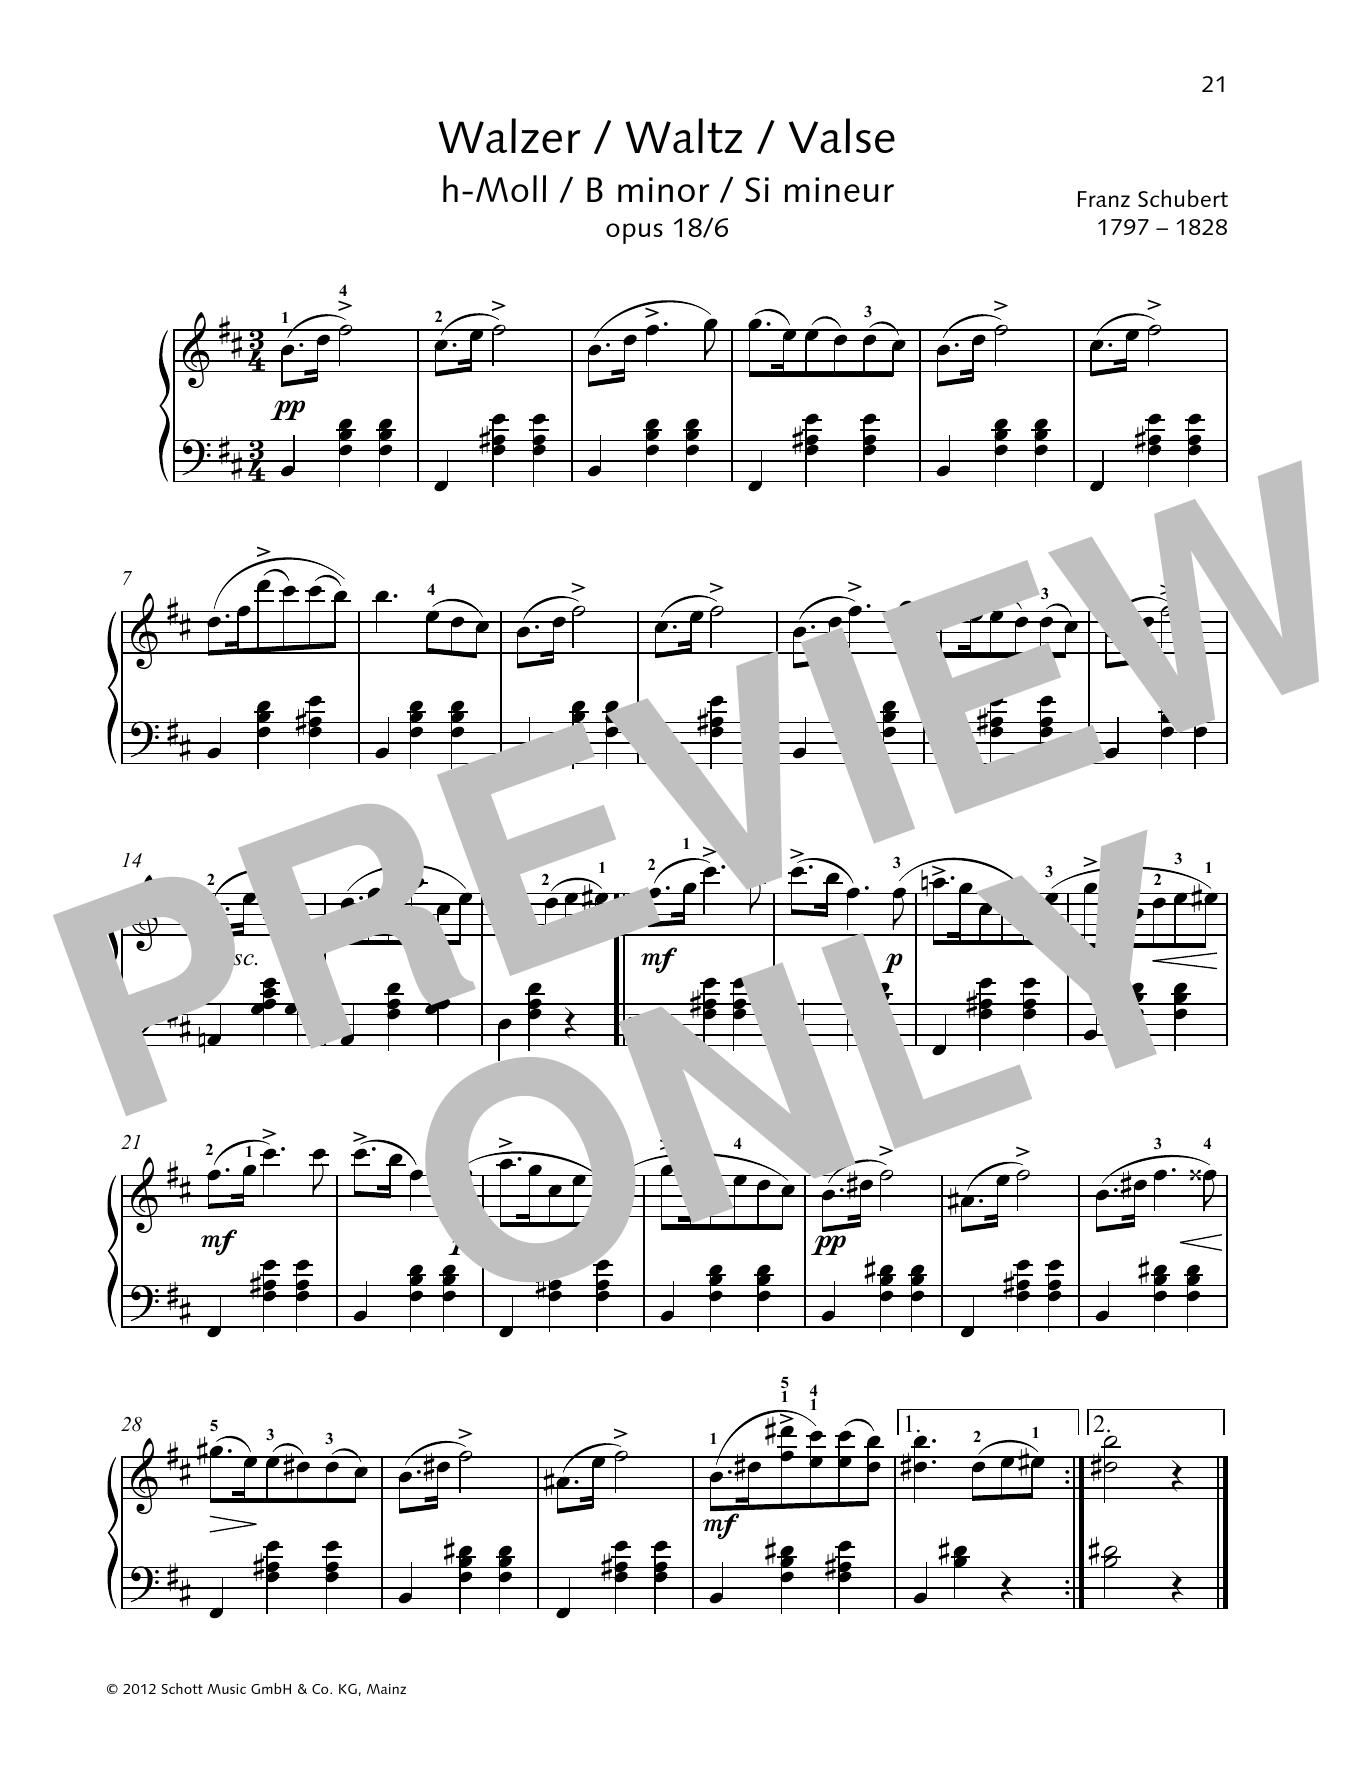 Waltz B Minor